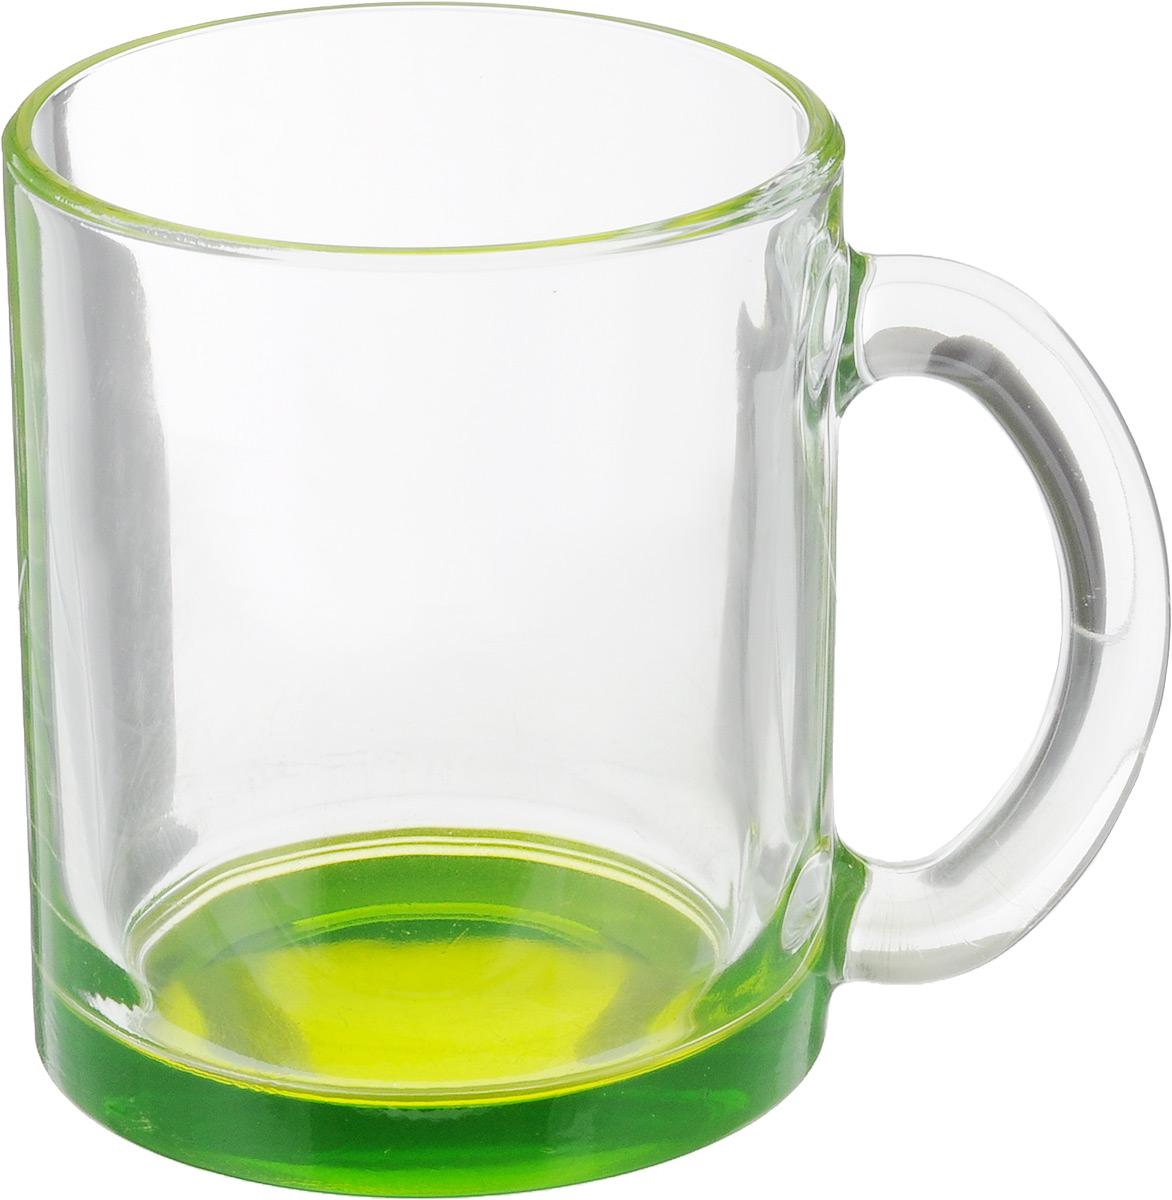 Кружка OSZ Чайная, цвет: прозрачный, зеленый, 320 мл04C1208LM_зеленыйКружка OSZ Чайная изготовлена из стекла двух цветов. Изделие идеально подходит для сервировки стола. Кружка не только украсит ваш кухонный стол, но подчеркнет прекрасный вкус хозяйки. Диаметр кружки (по верхнему краю): 8 см. Высота кружки: 9,5 см. Объем кружки: 320 мл.